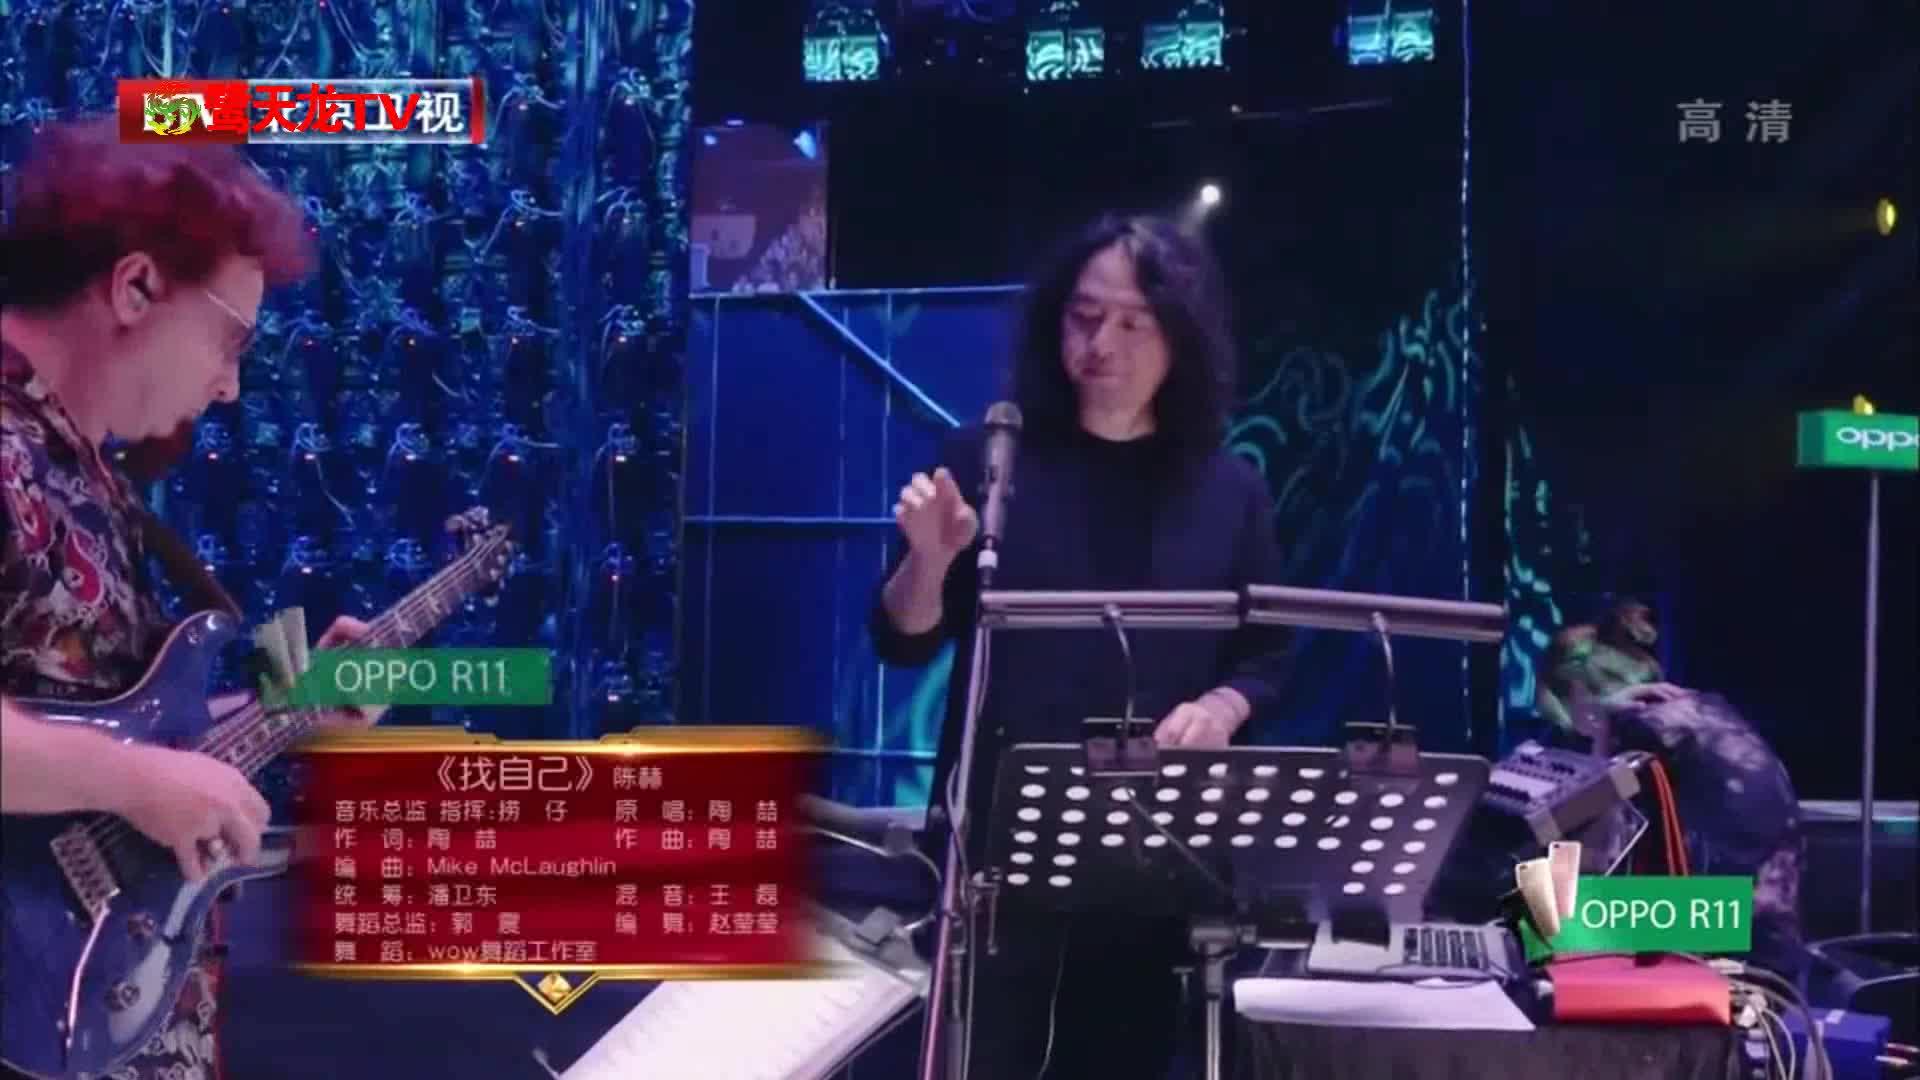 跨界歌王陈赫一首《找自己》表现的淋漓尽致,嗨翻全场!